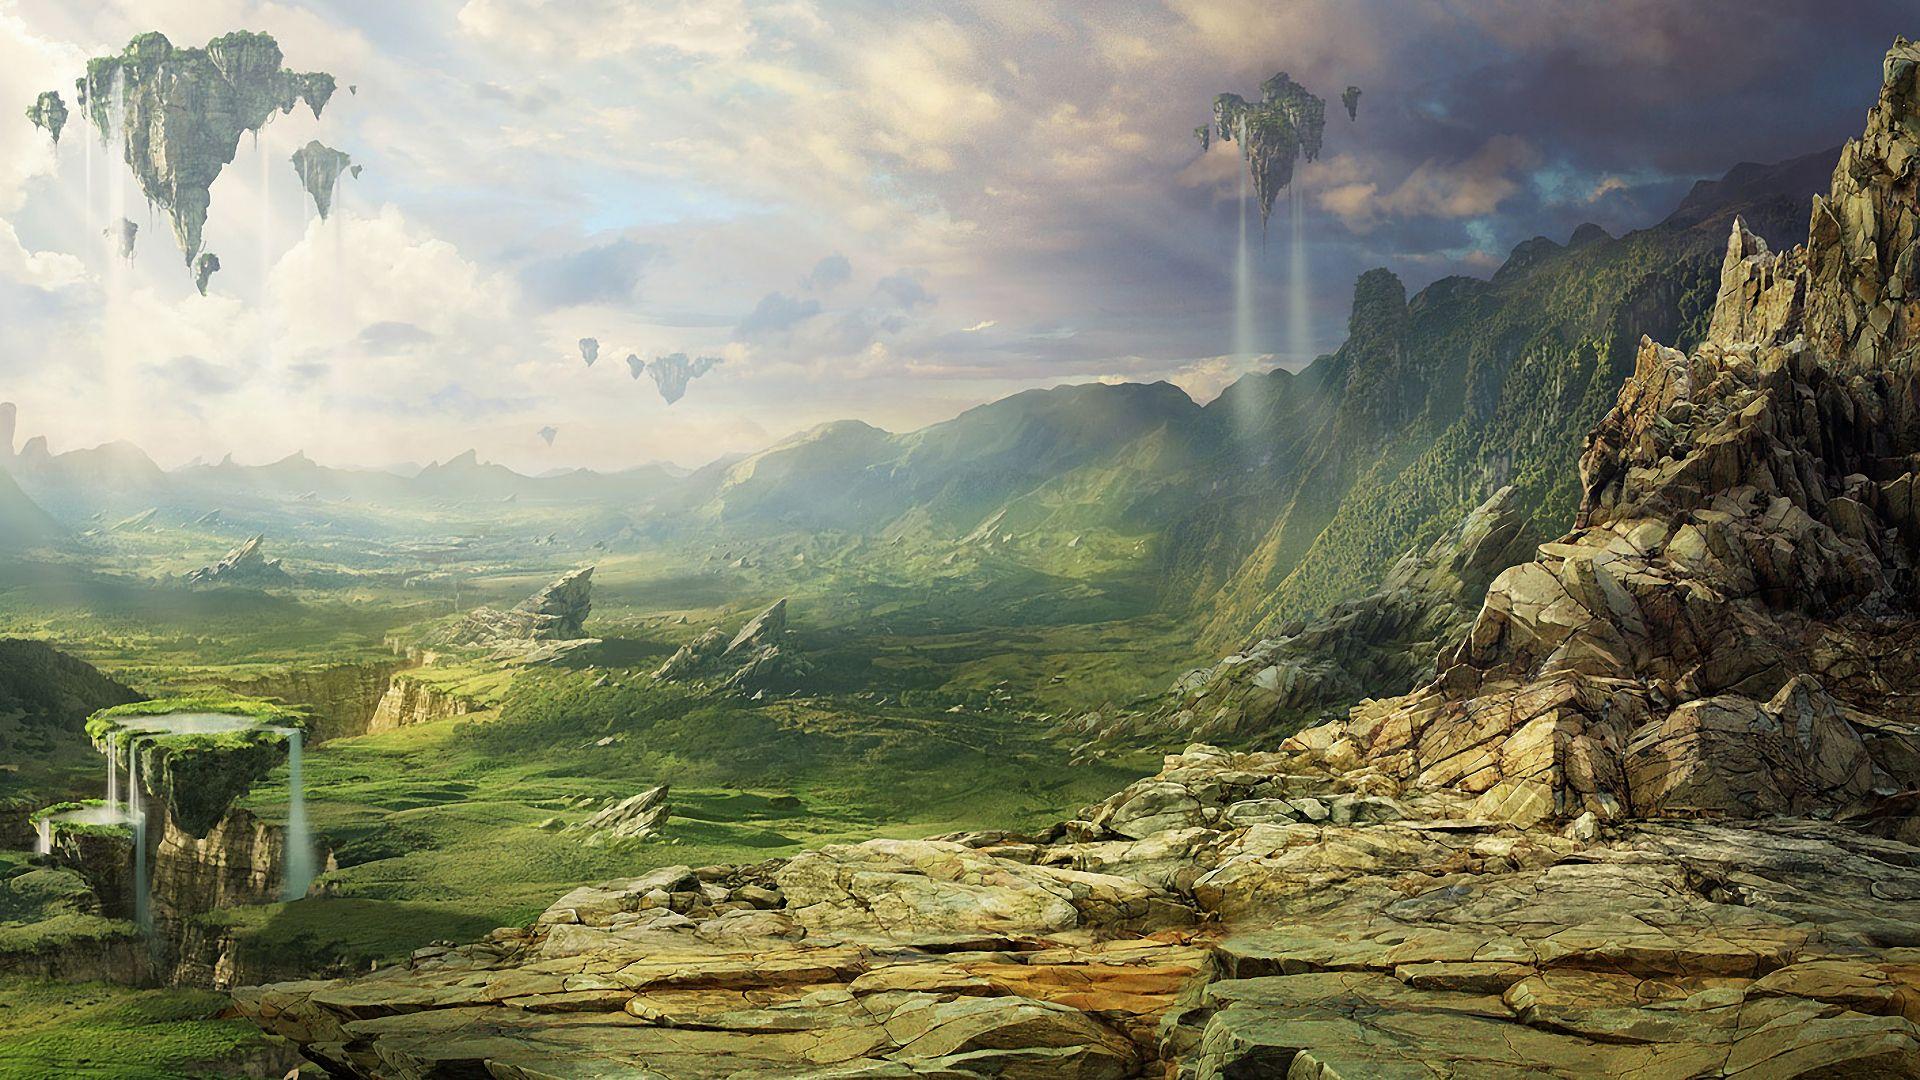 Sci Fi Landscape Wallpaper Free Hgt Landscape Wallpaper Fantasy Landscape Environment Concept Art